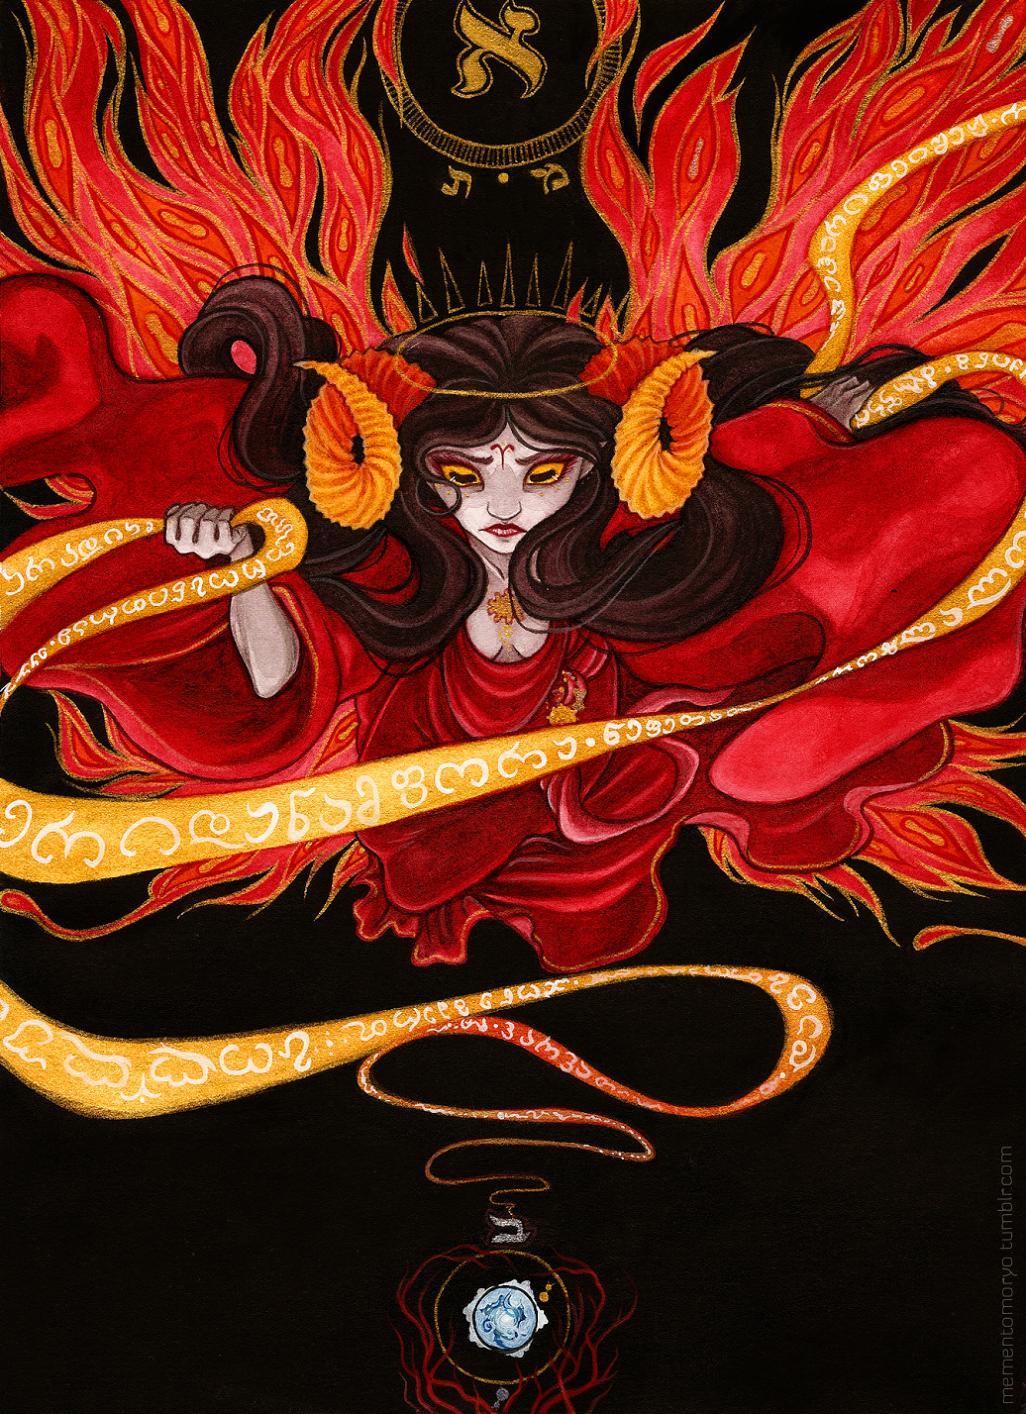 aradia_megido epic godtier maid mementomoryo skaia solo watercolor